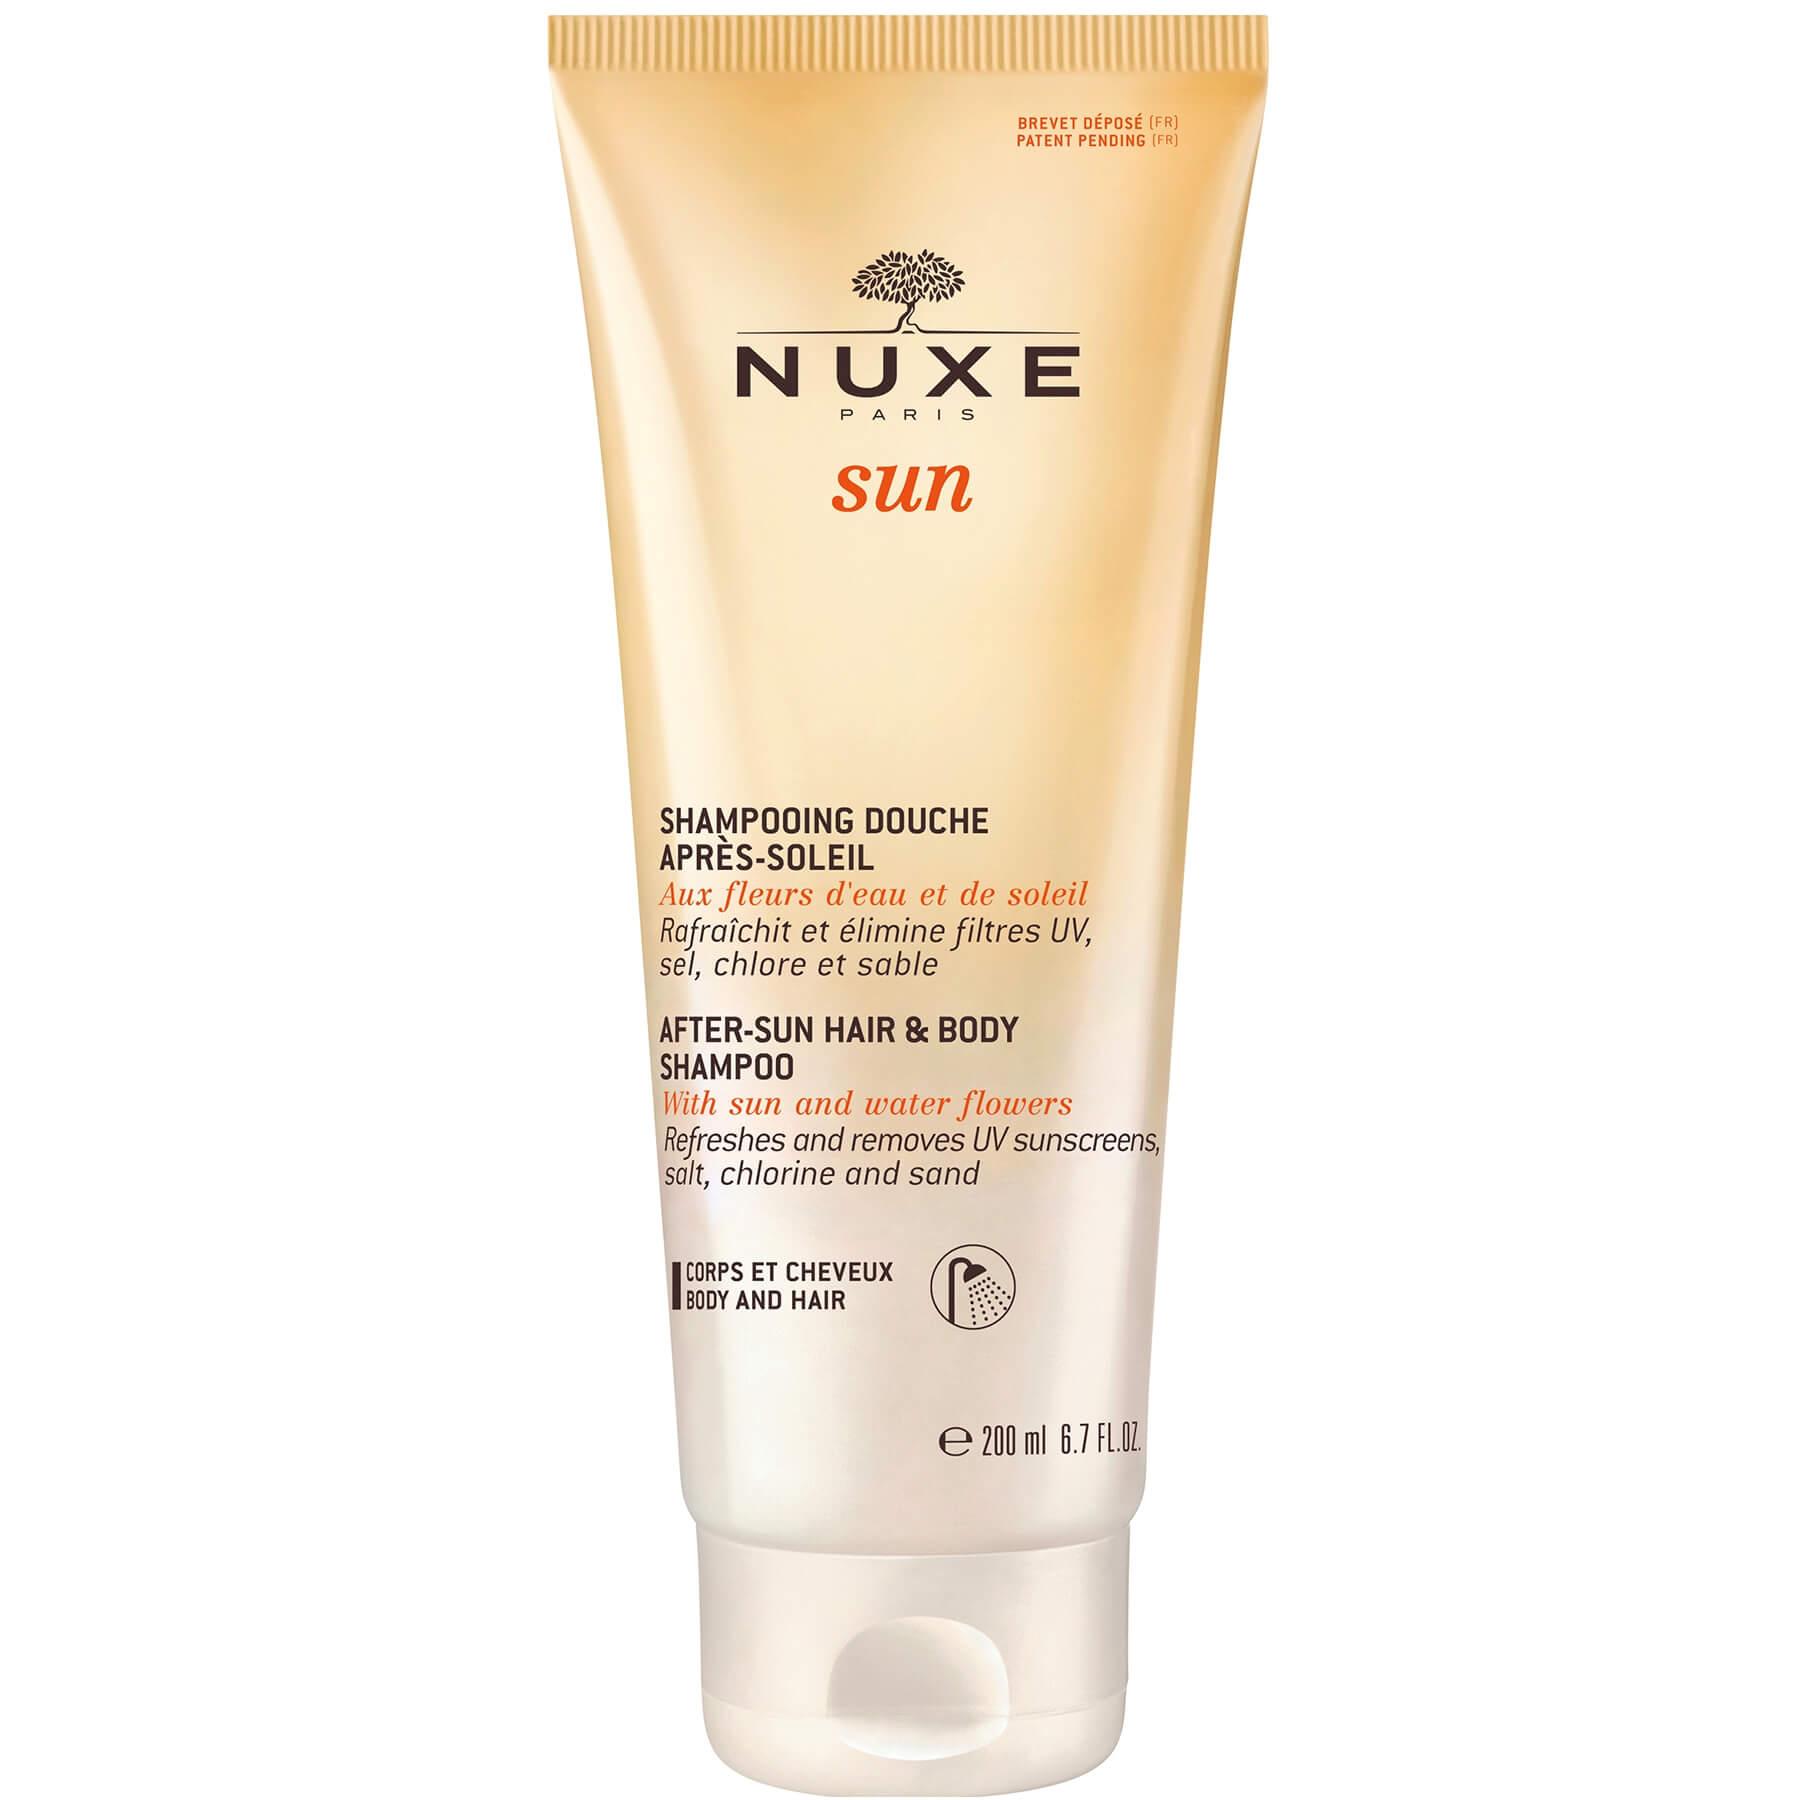 Nuxe Sun After-Sun Hair & Body Shampoo Σαμπουάν – Αφρόλουτρο για Μετά τον Ήλιο200ml